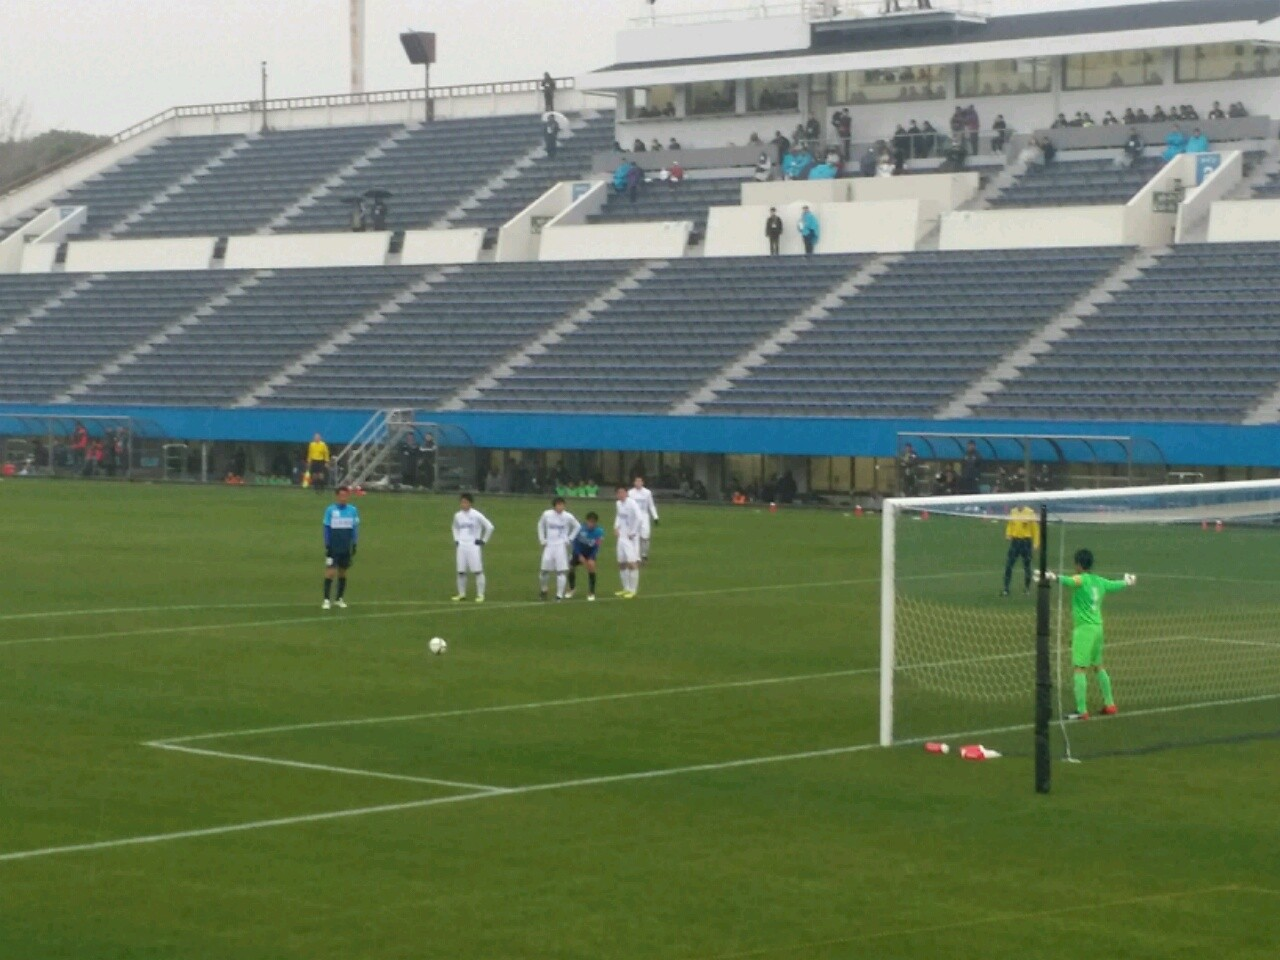 後半63分、横浜FCがPKをゲット 【後半63分、横浜FCがPKをゲット】 後半に入り、横浜FC